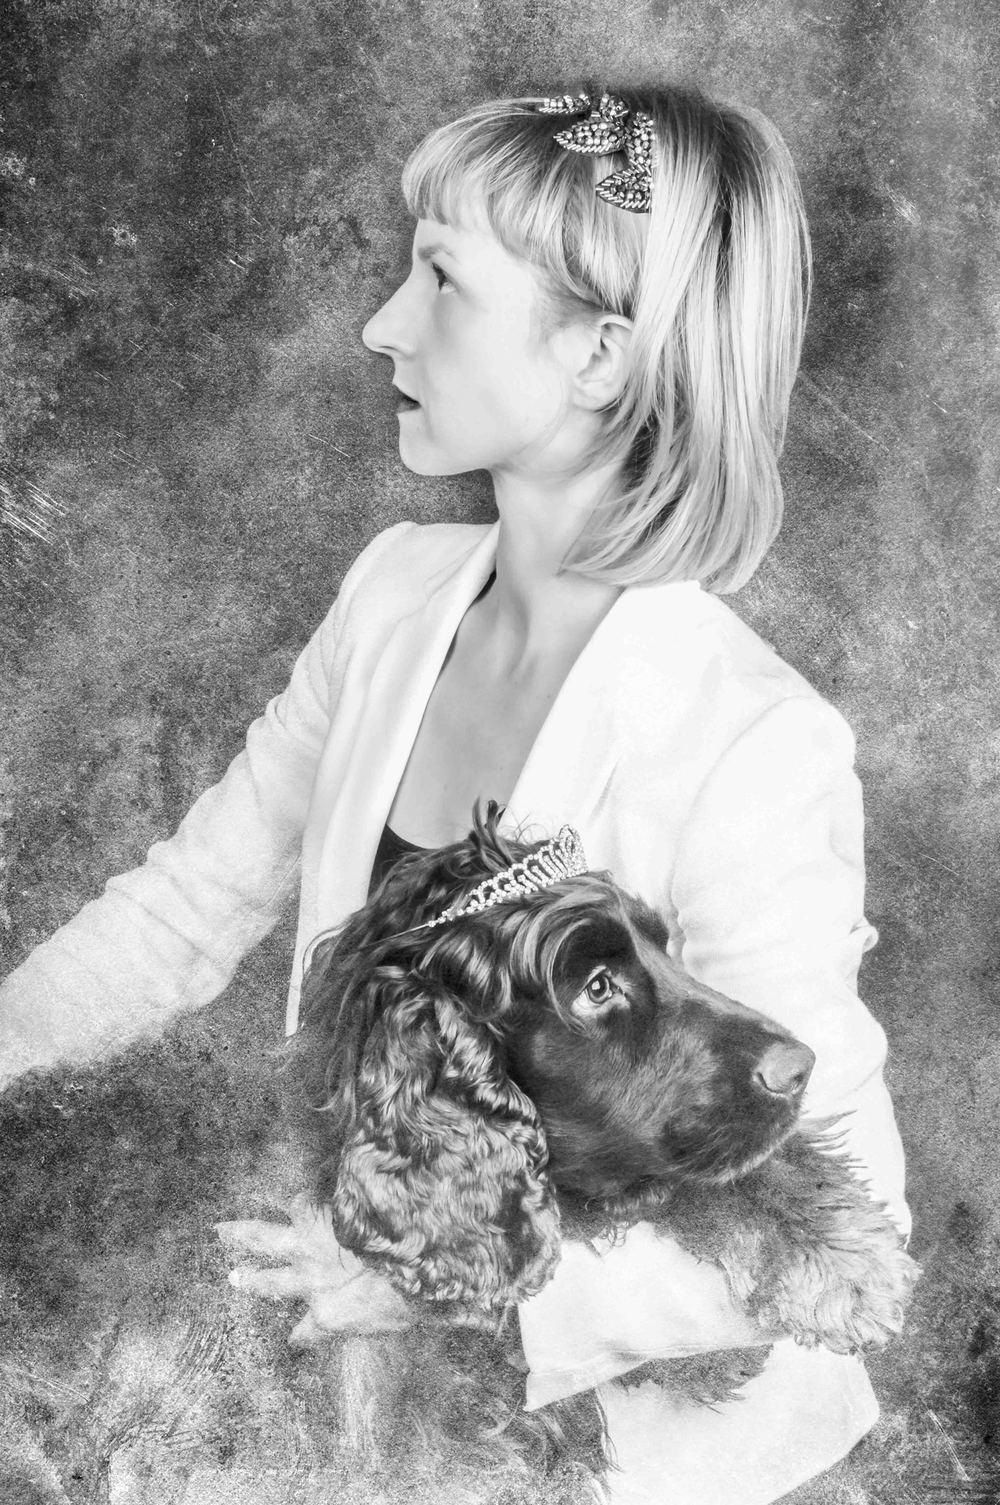 GraZyna Bienkowski